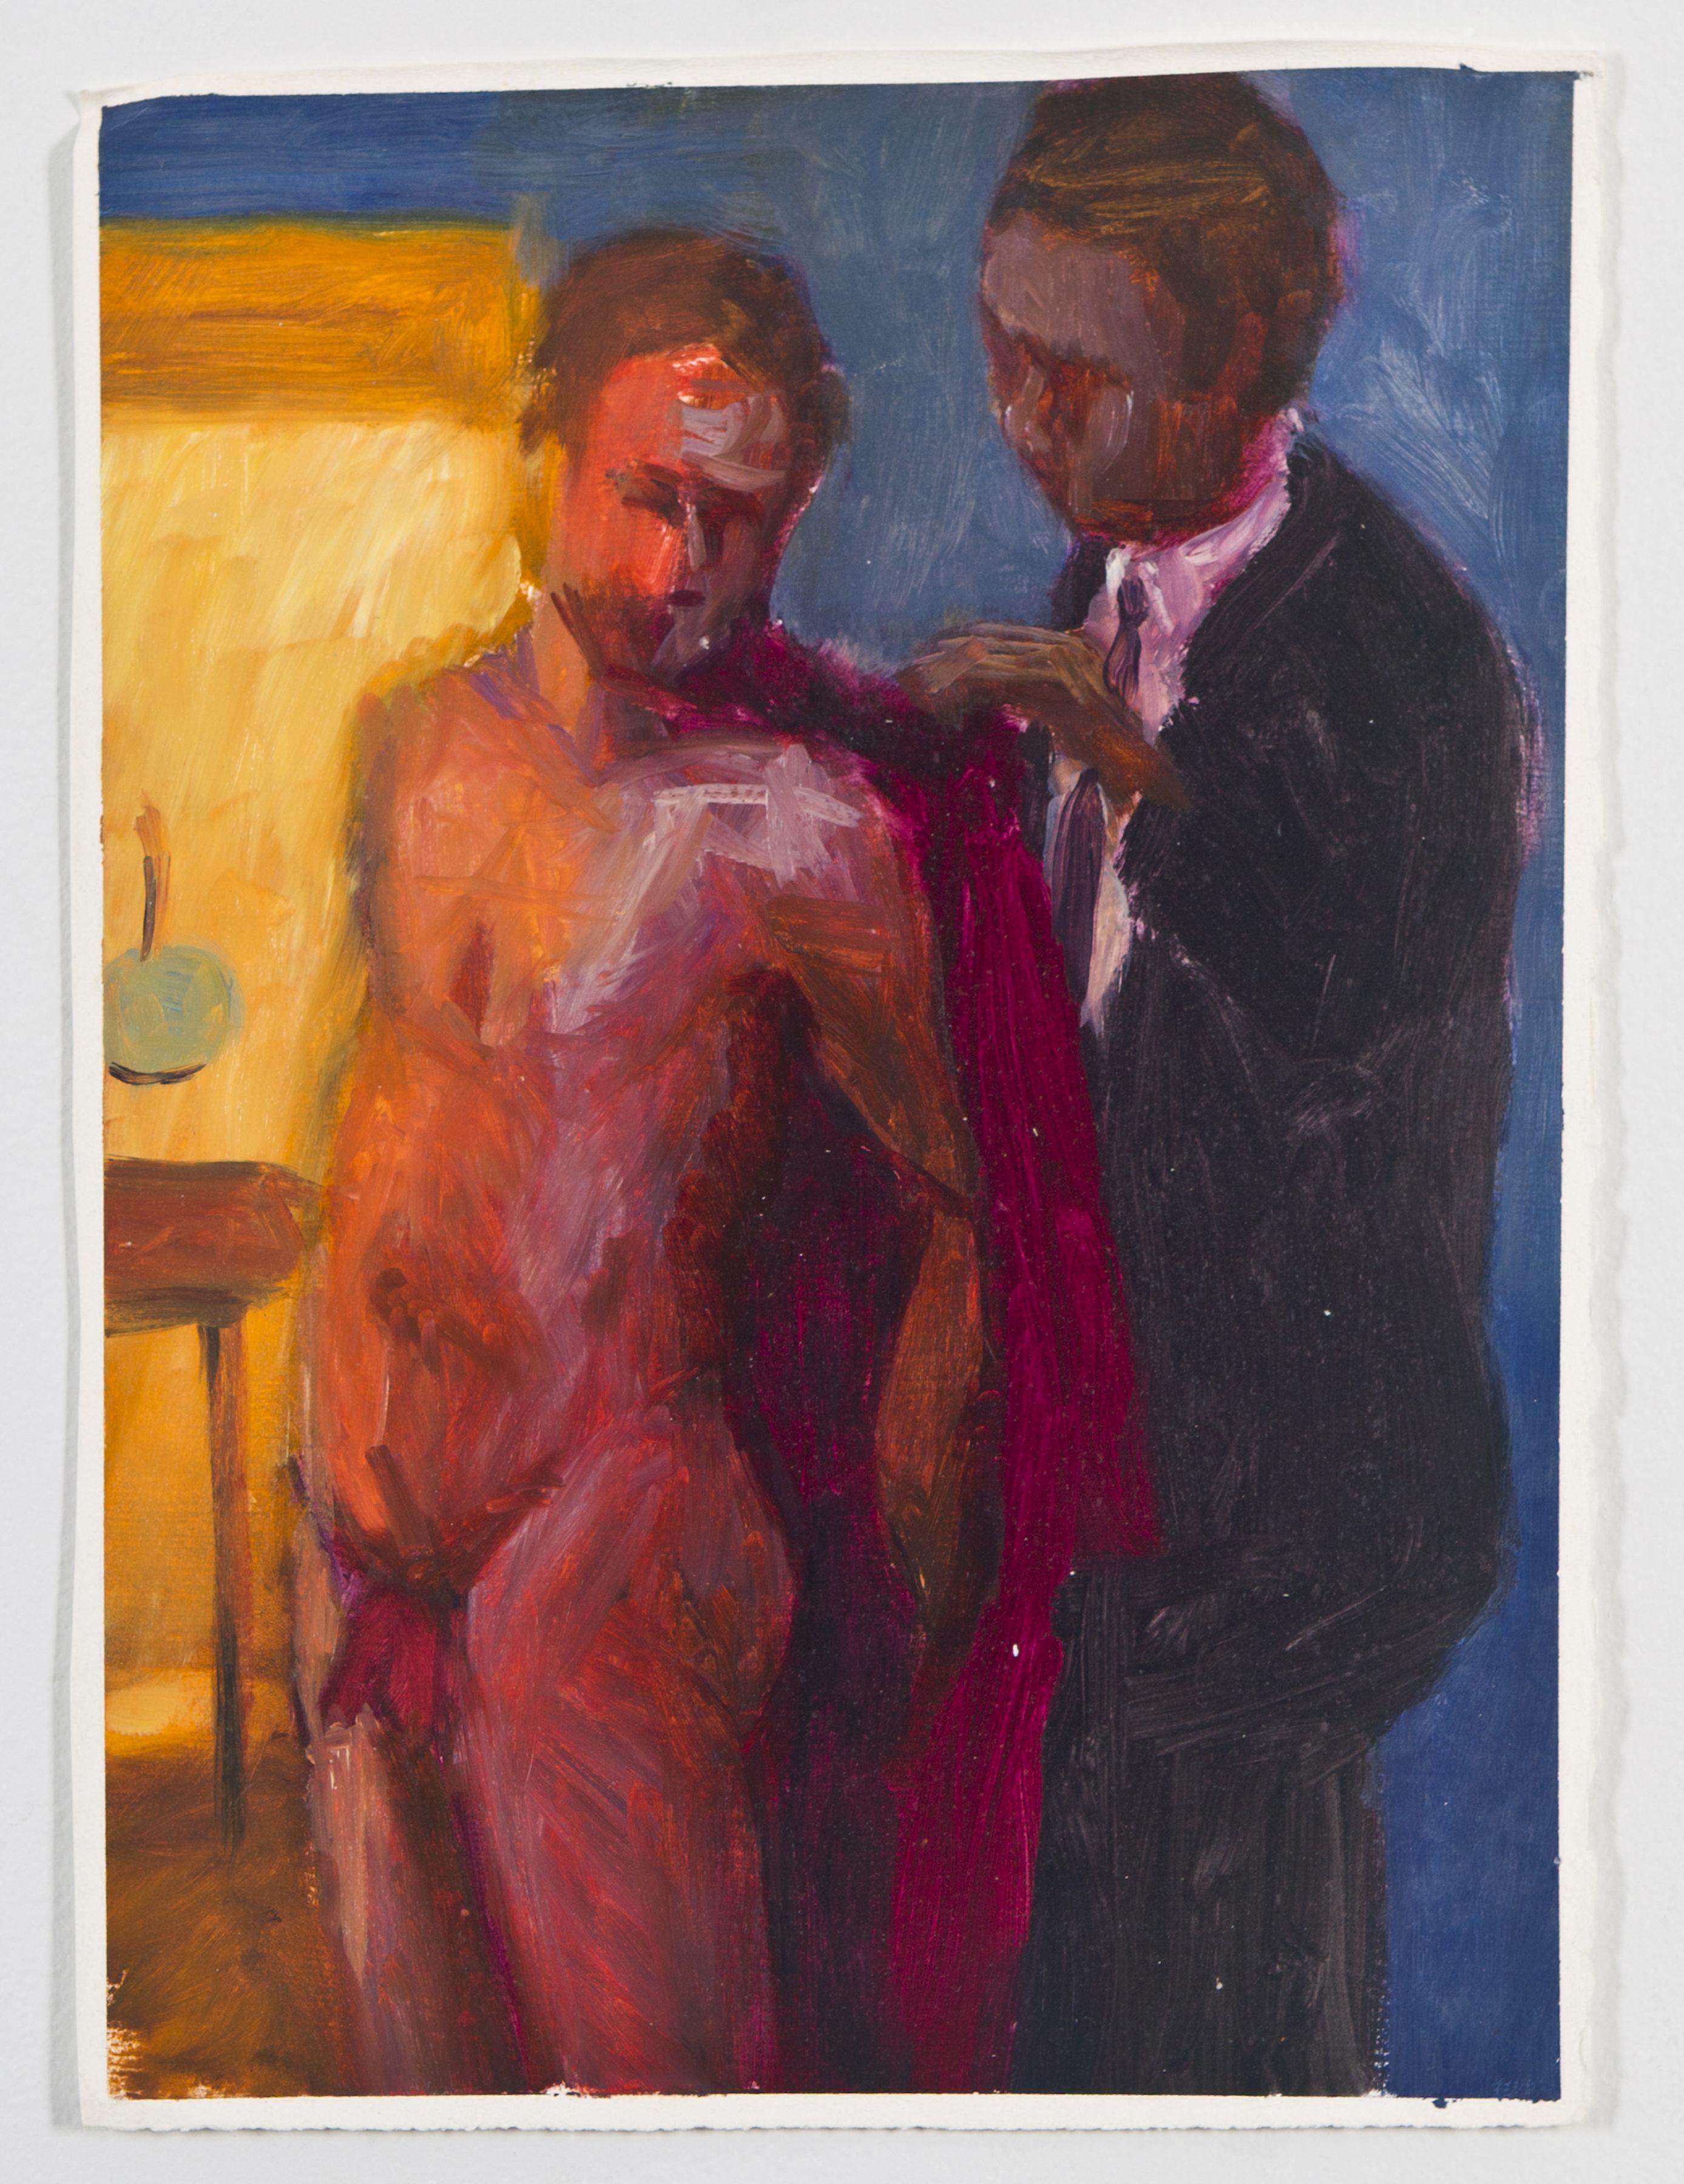 Robe Help, 1988, Oil on gessoed paper